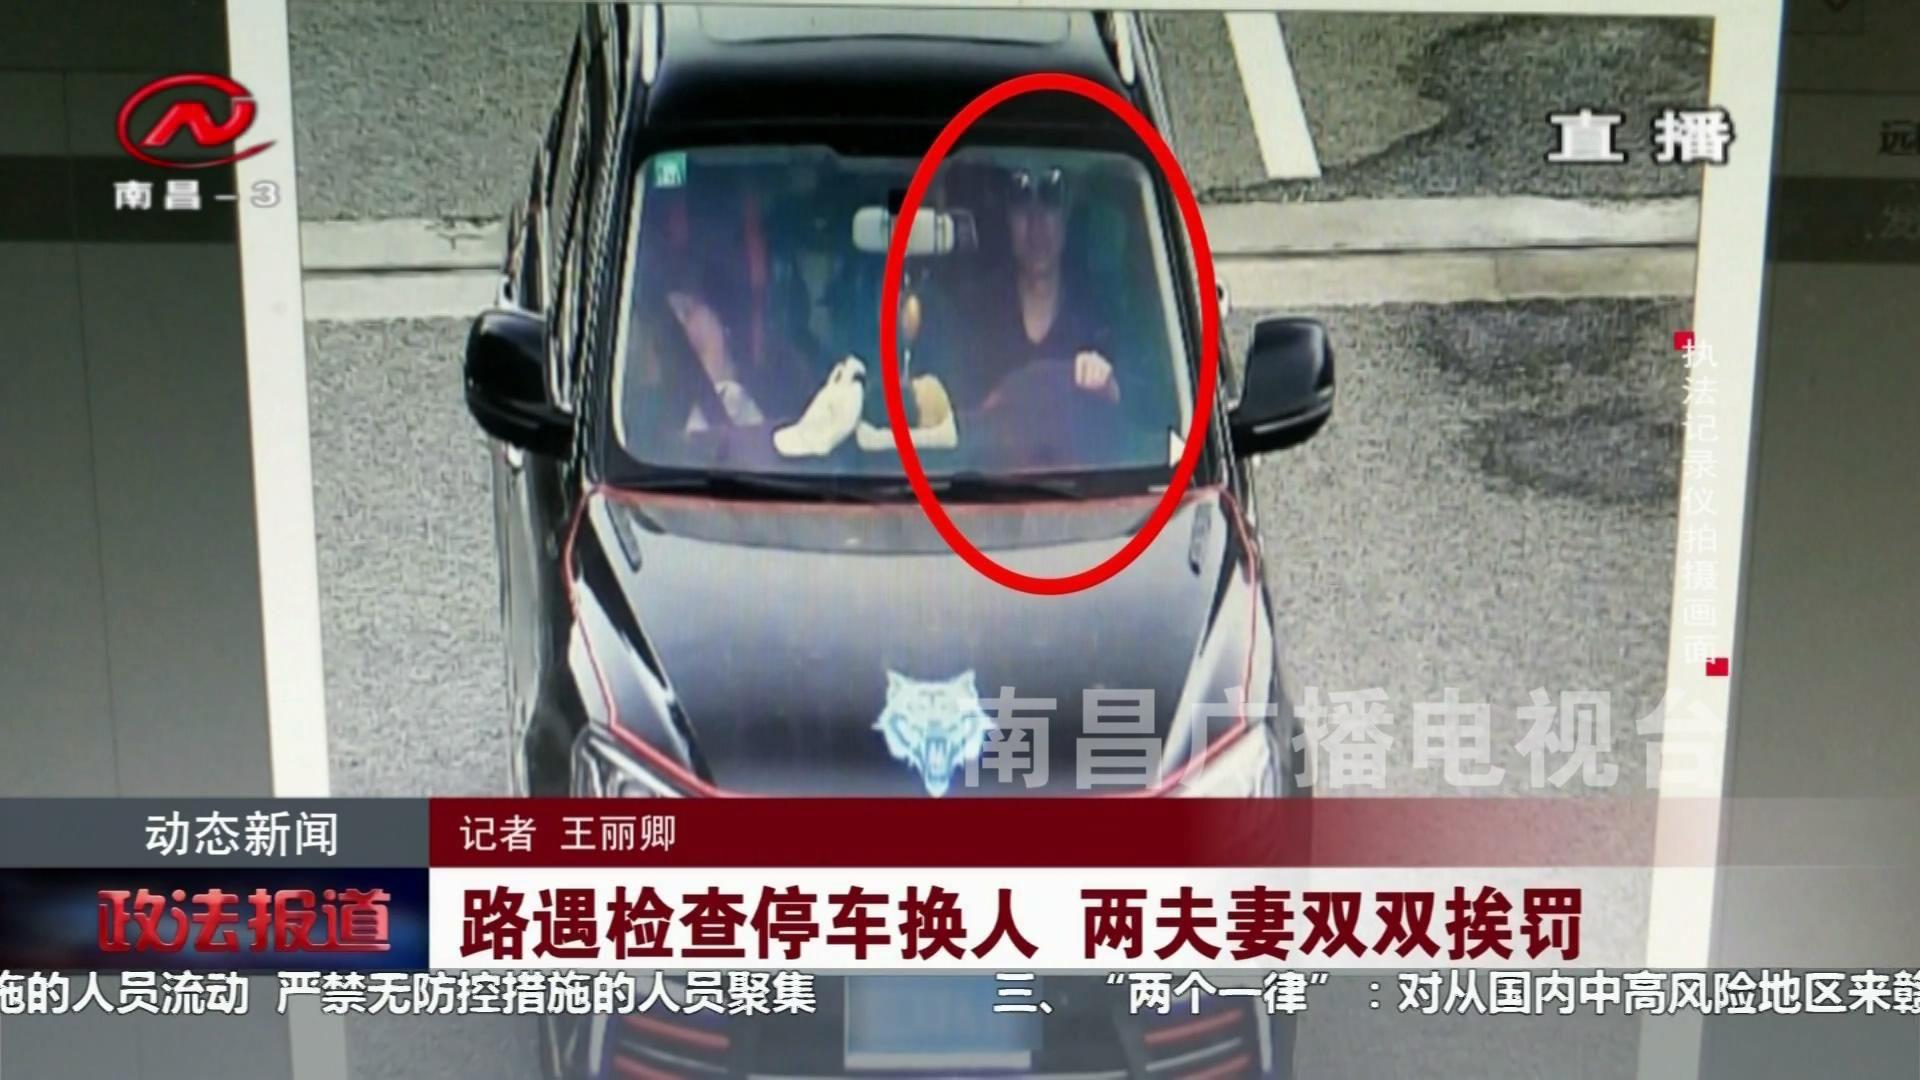 路遇檢查停車換人 兩夫妻雙雙挨罰